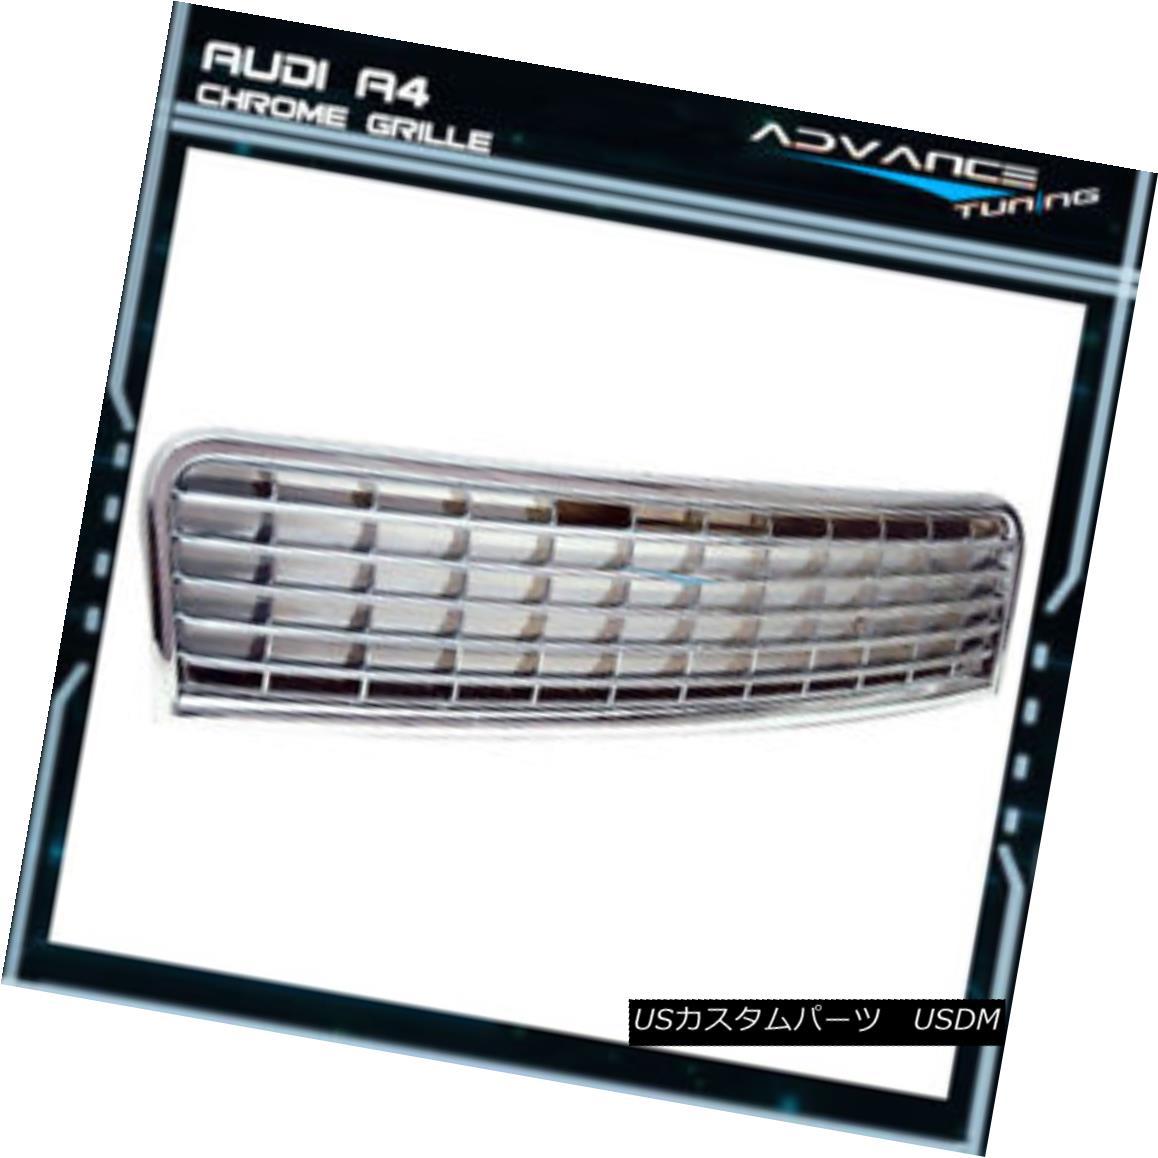 グリル Fits 02-05 Audi A4 Front Chrome Grill Grille Mesh Brand New フィット02-05アウディA4フロントクロームグリルグリルメッシュブランドニュー